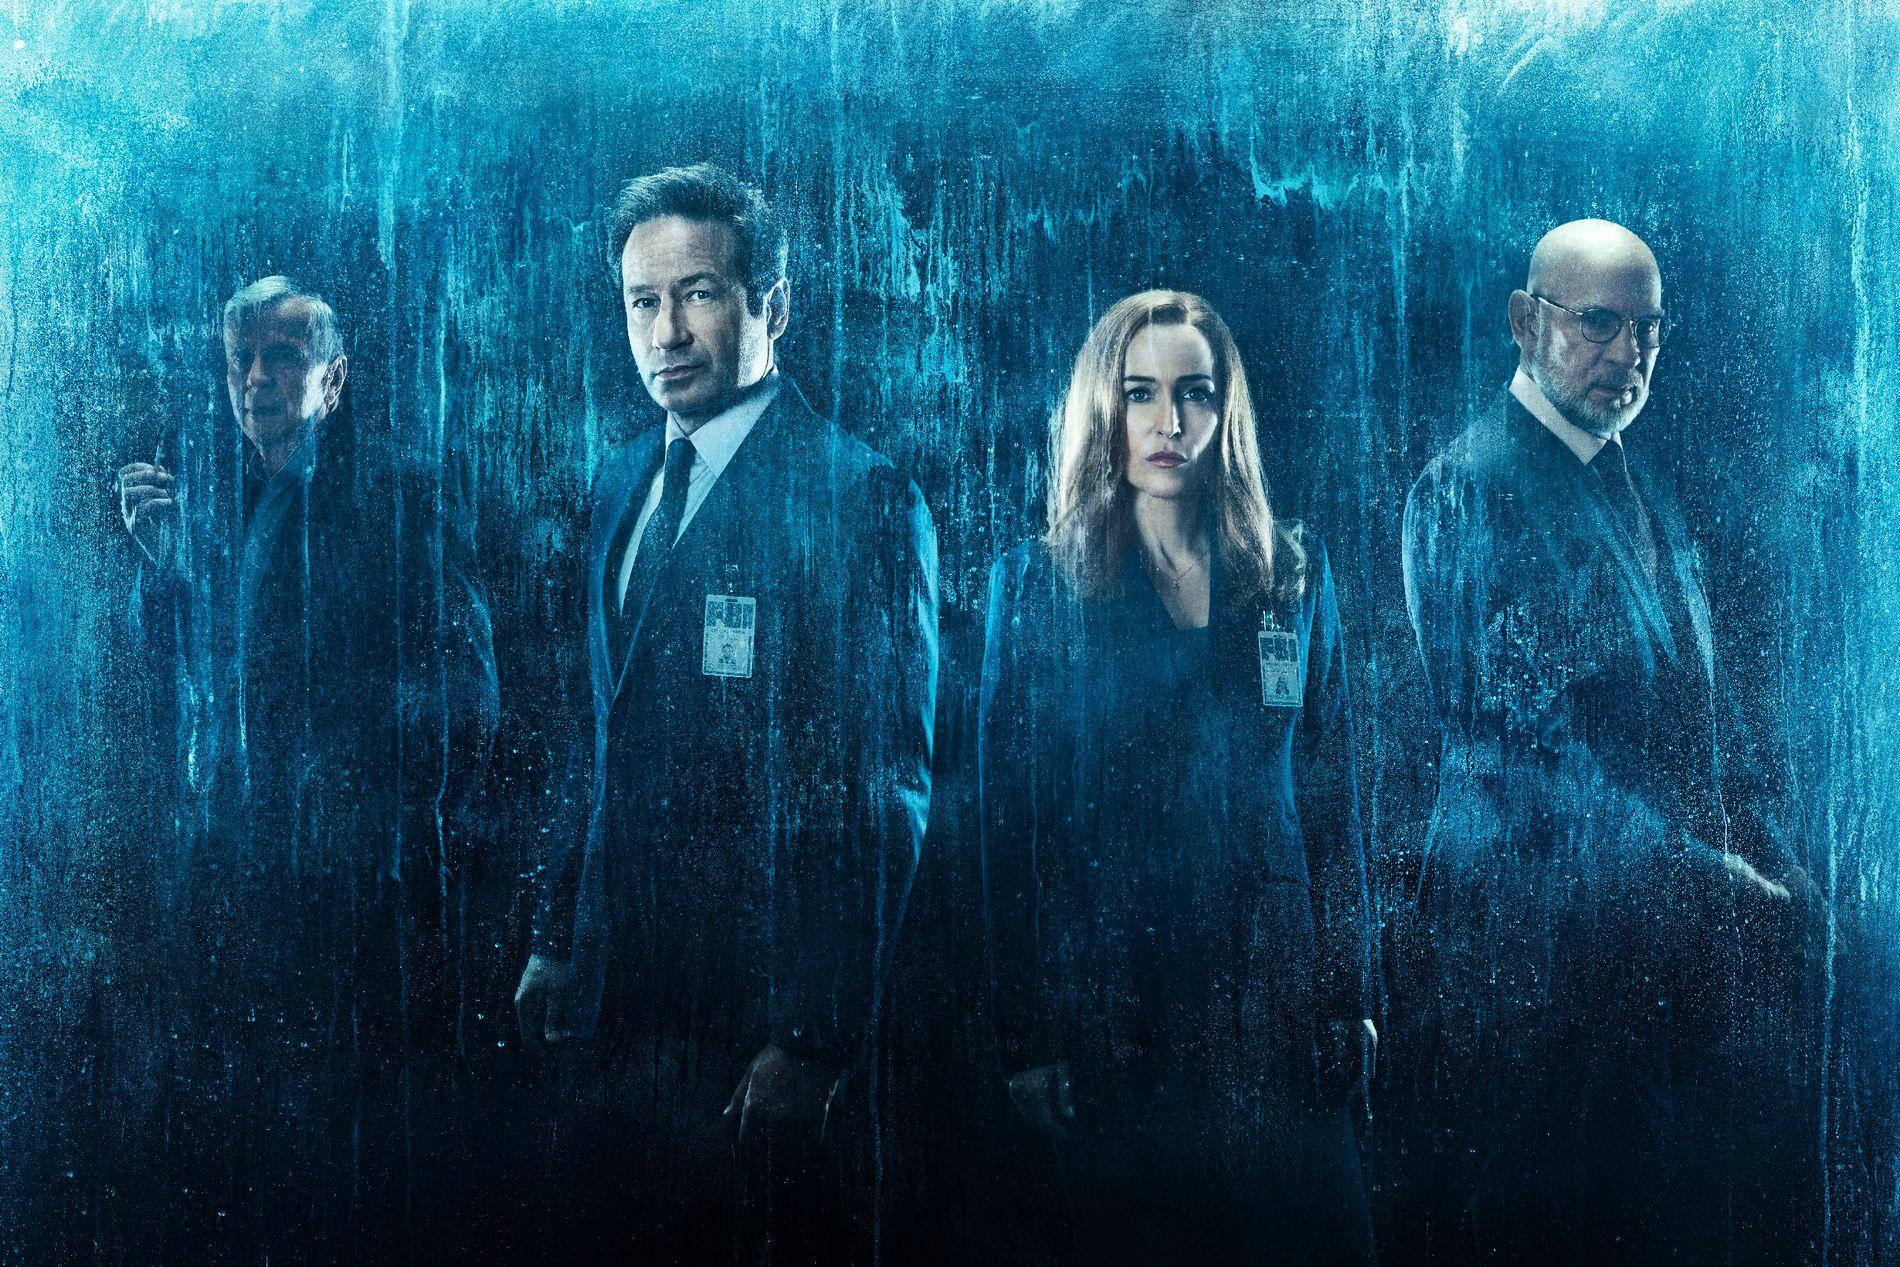 VENDER TILBAKE: Mulder og Scully er tilbake i sin 11. sesong som spesialagenter.